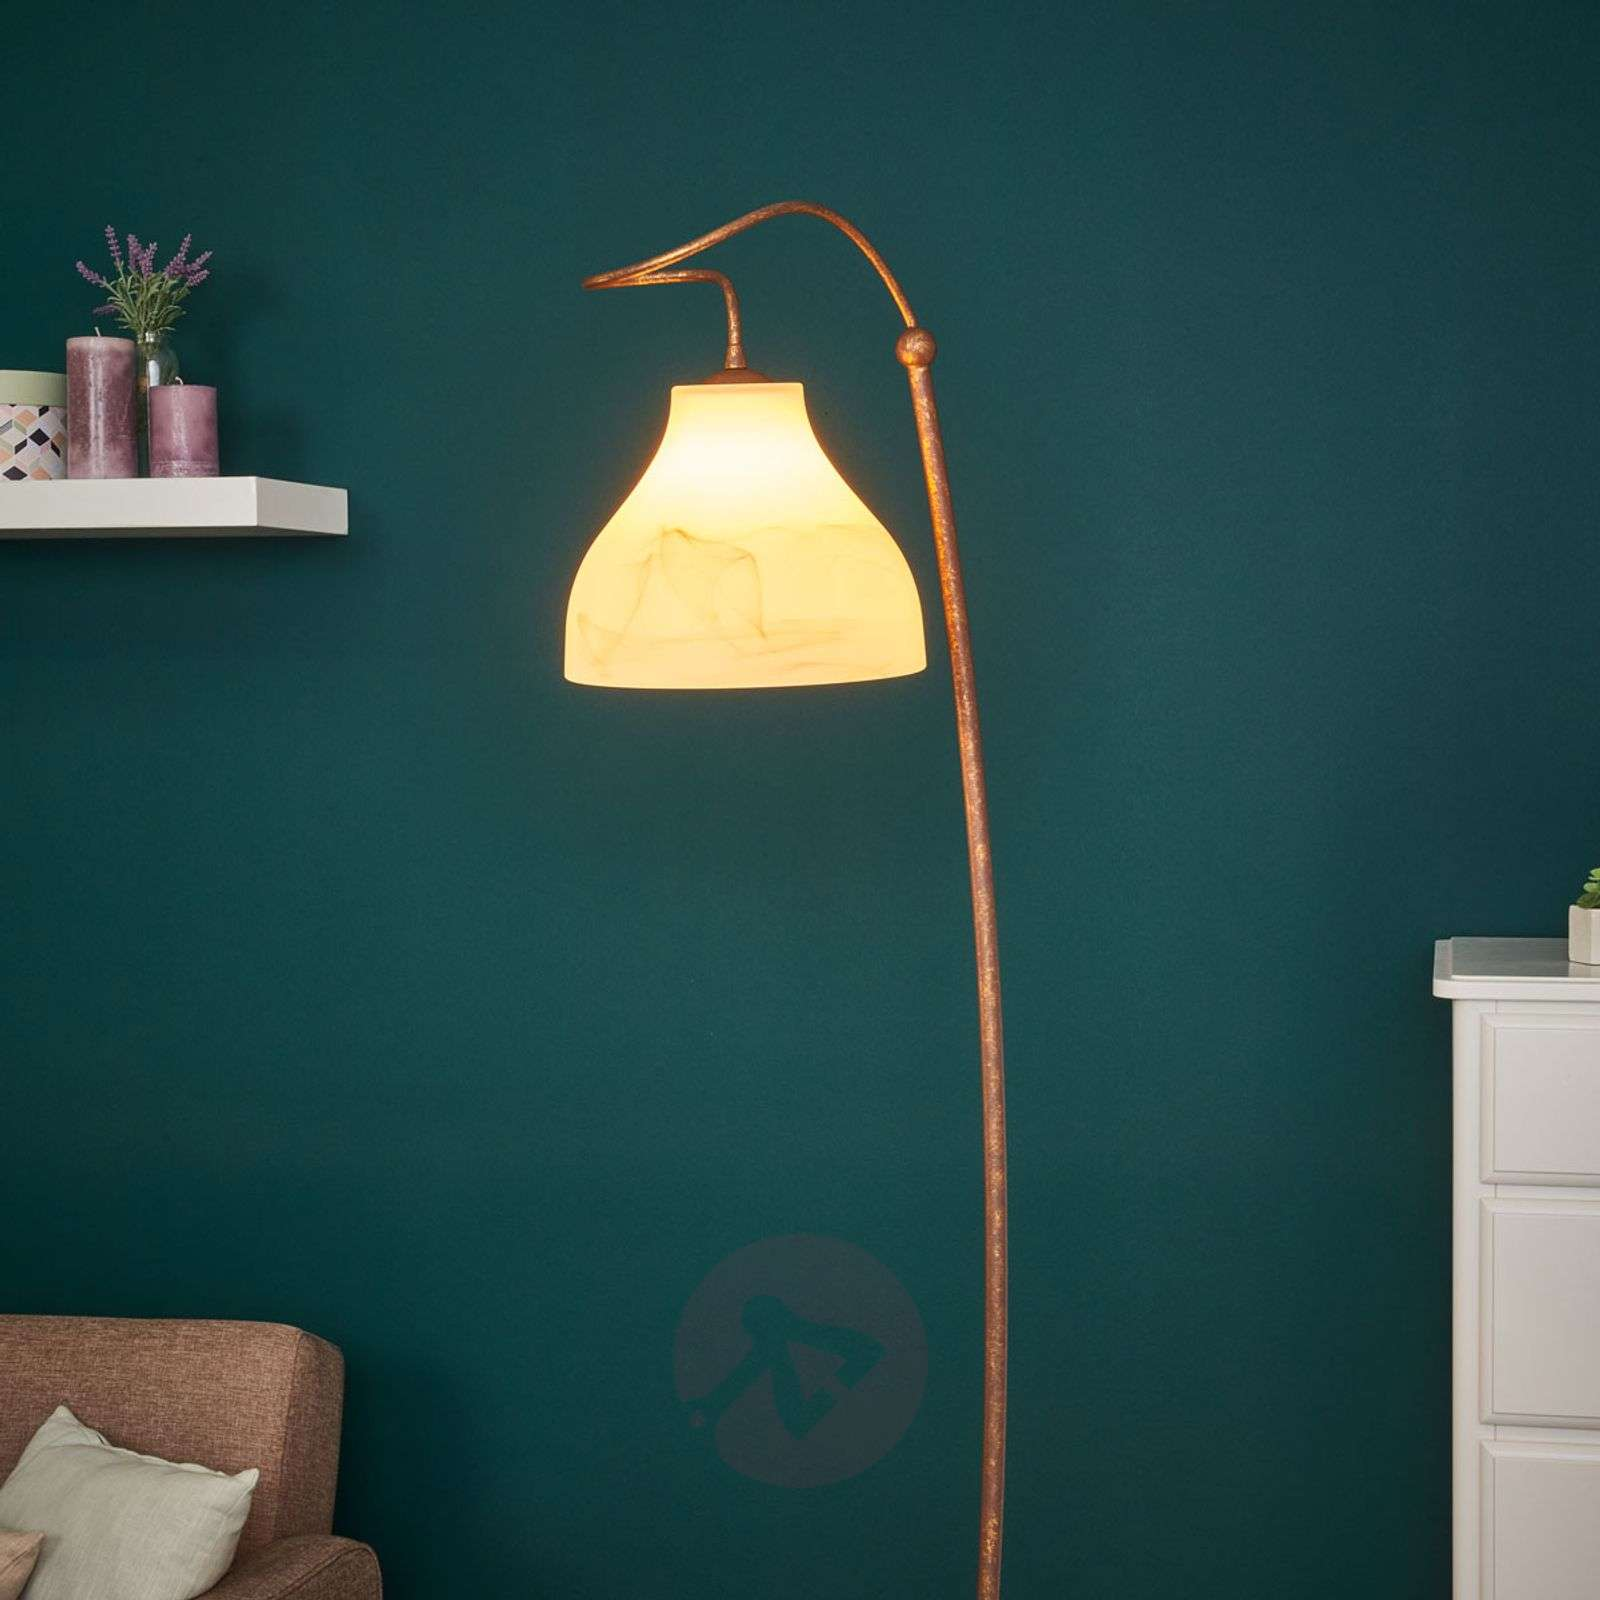 Rustic floor lamp Mattia-6059204-01